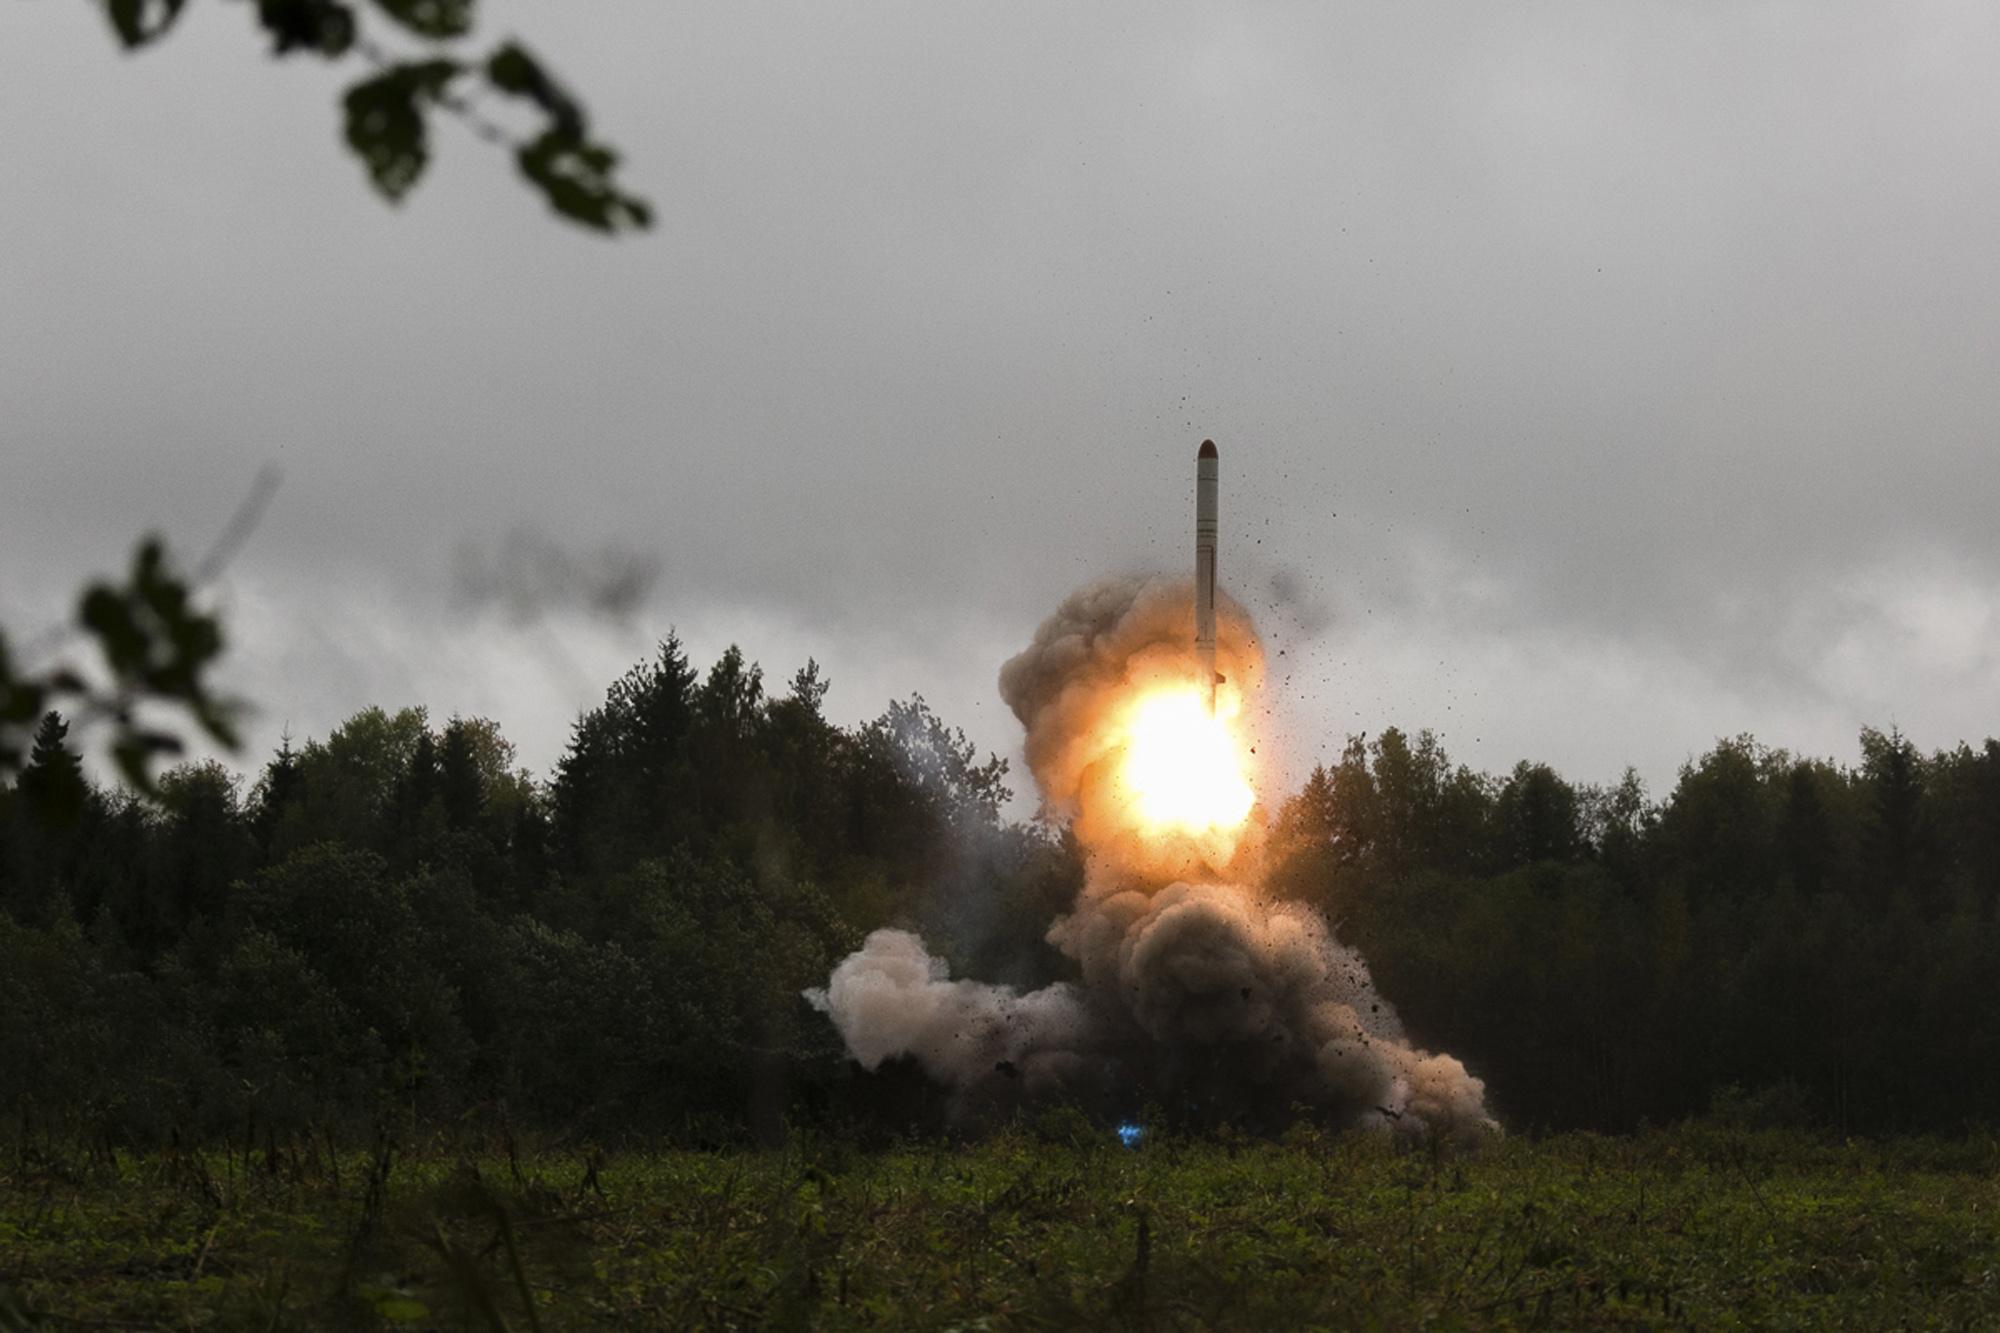 Rusija priprema odgovore na američki sporazum o kontroli naoružanja